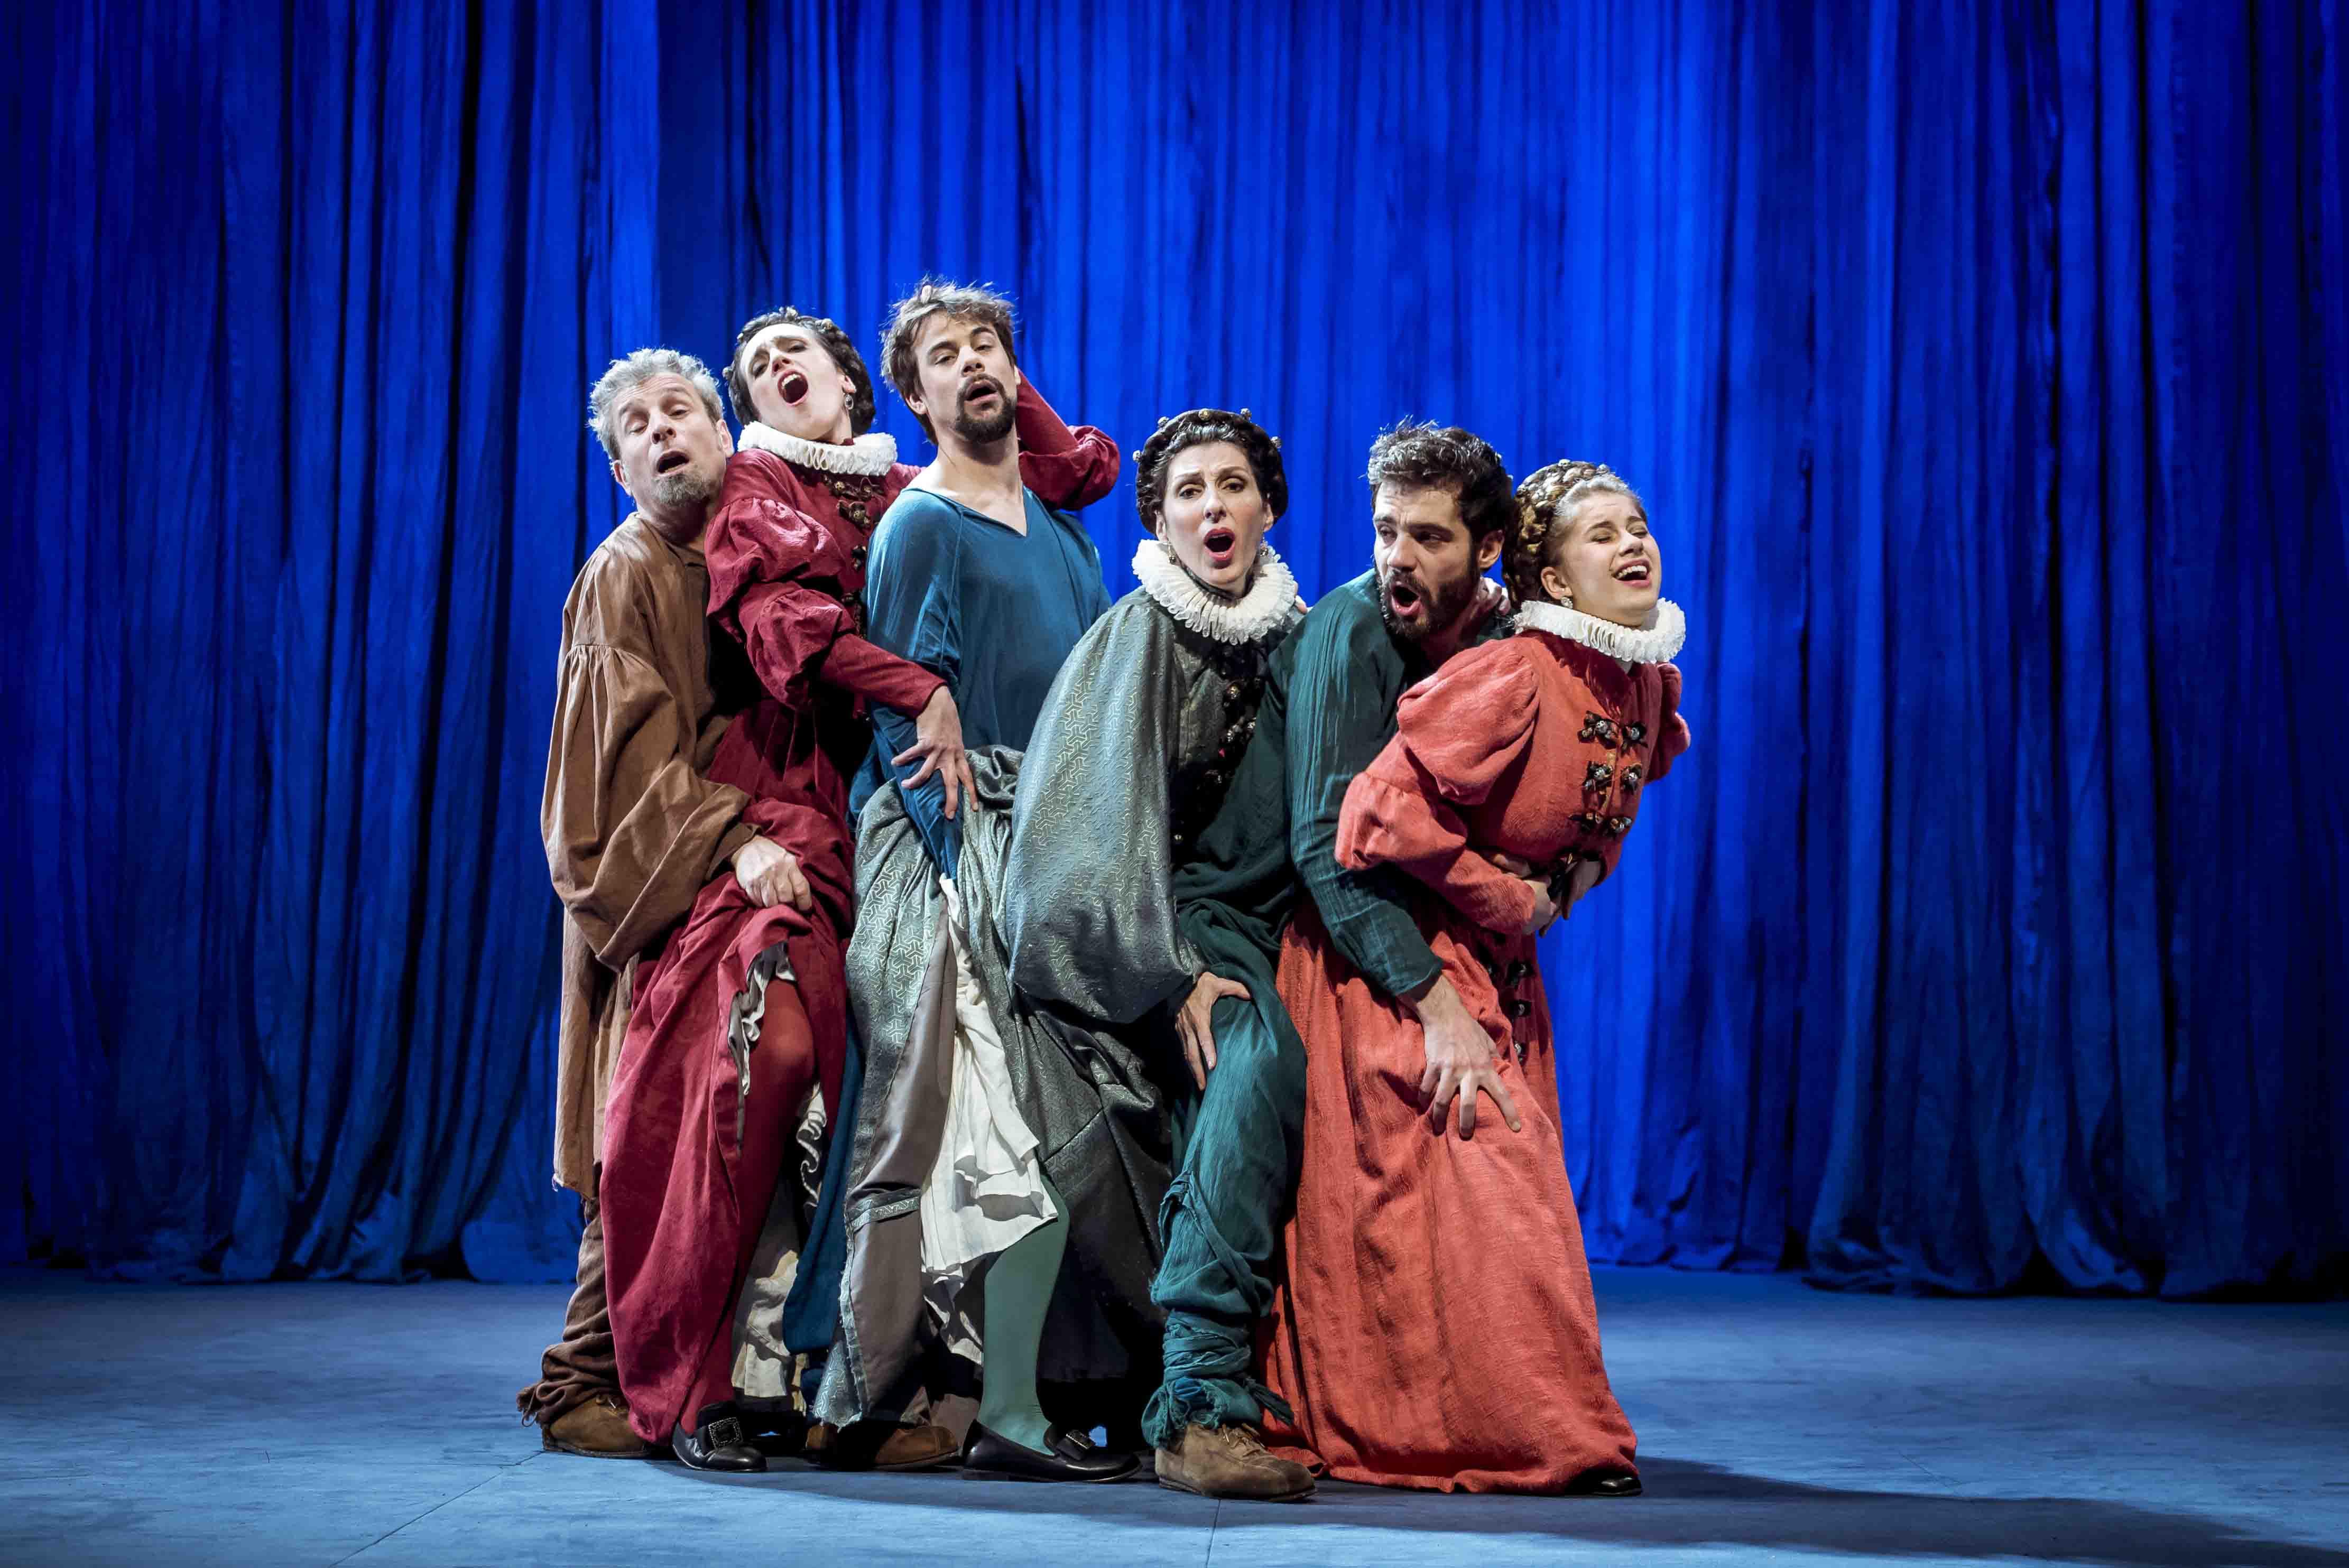 Dagoll Dagom i T de Teatre porten a Tàrrega el dissabte 26 d'octubre la coproducció La tendresa